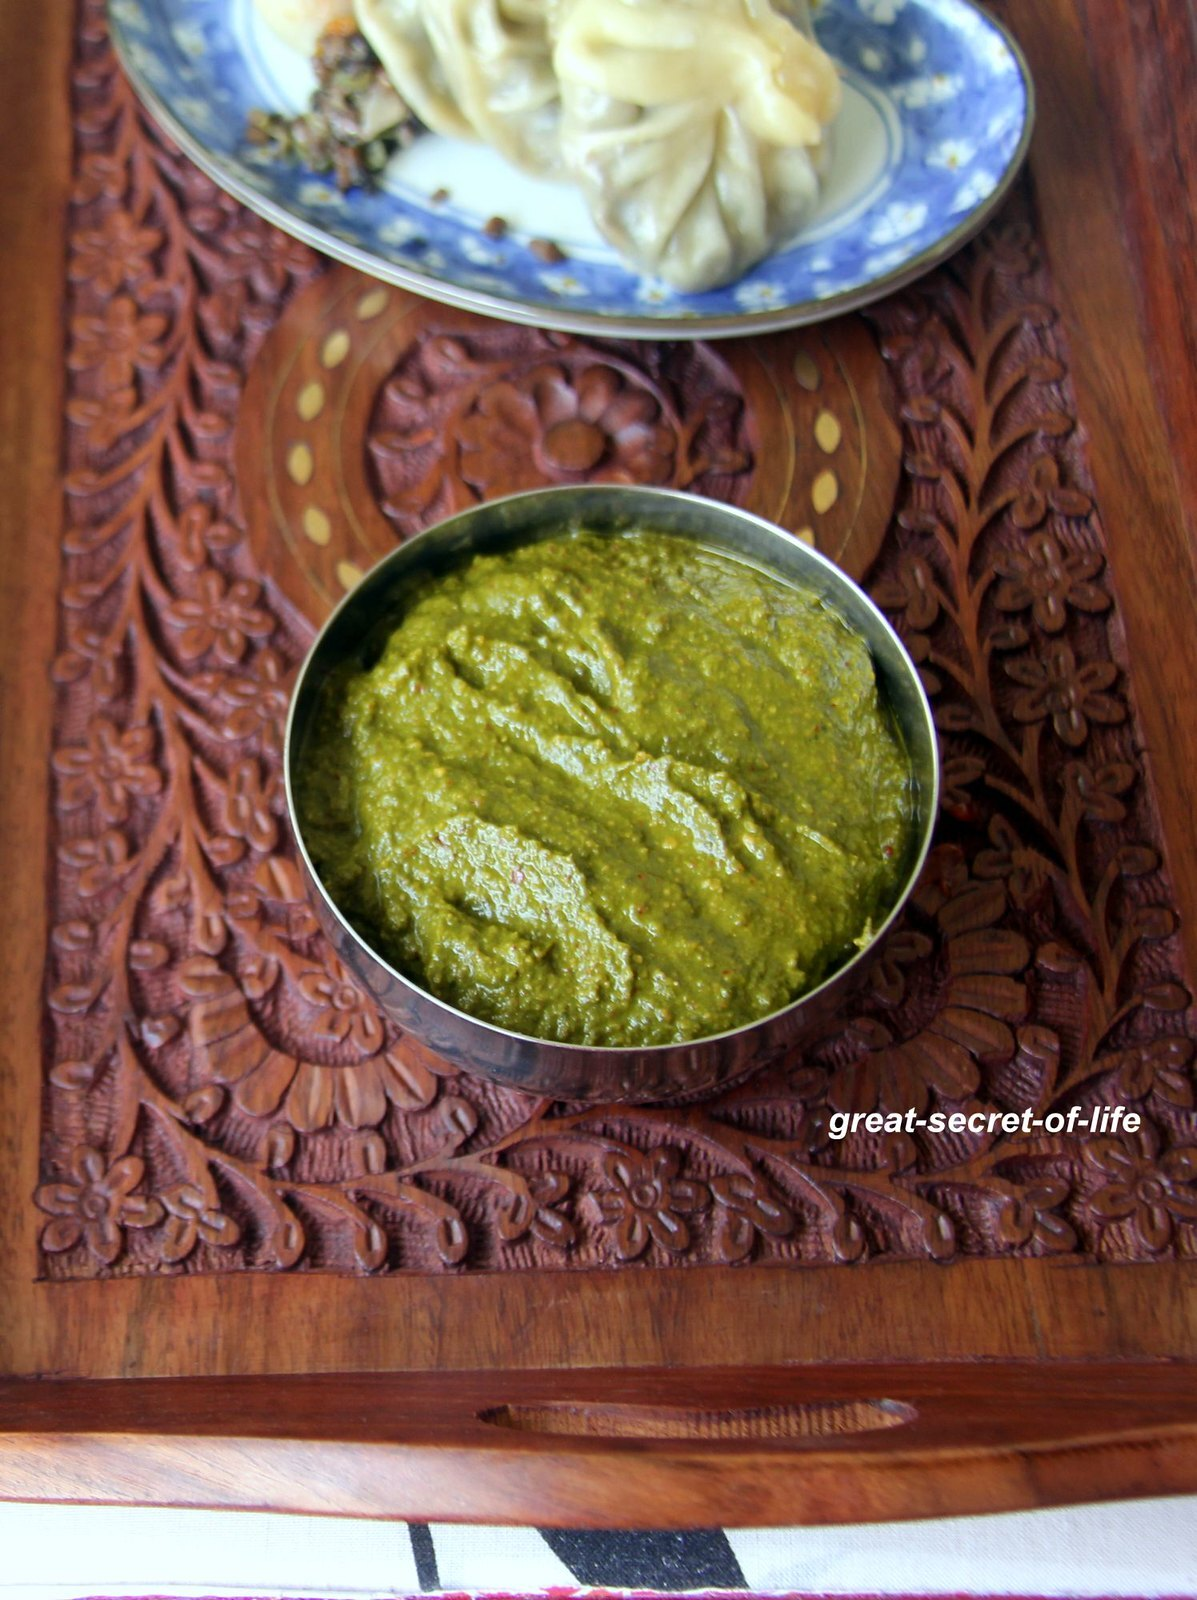 Methi chutney - Fenugreek leaves Dip - Methi Thogayal - Healthy side dish for rice / idli / dosa